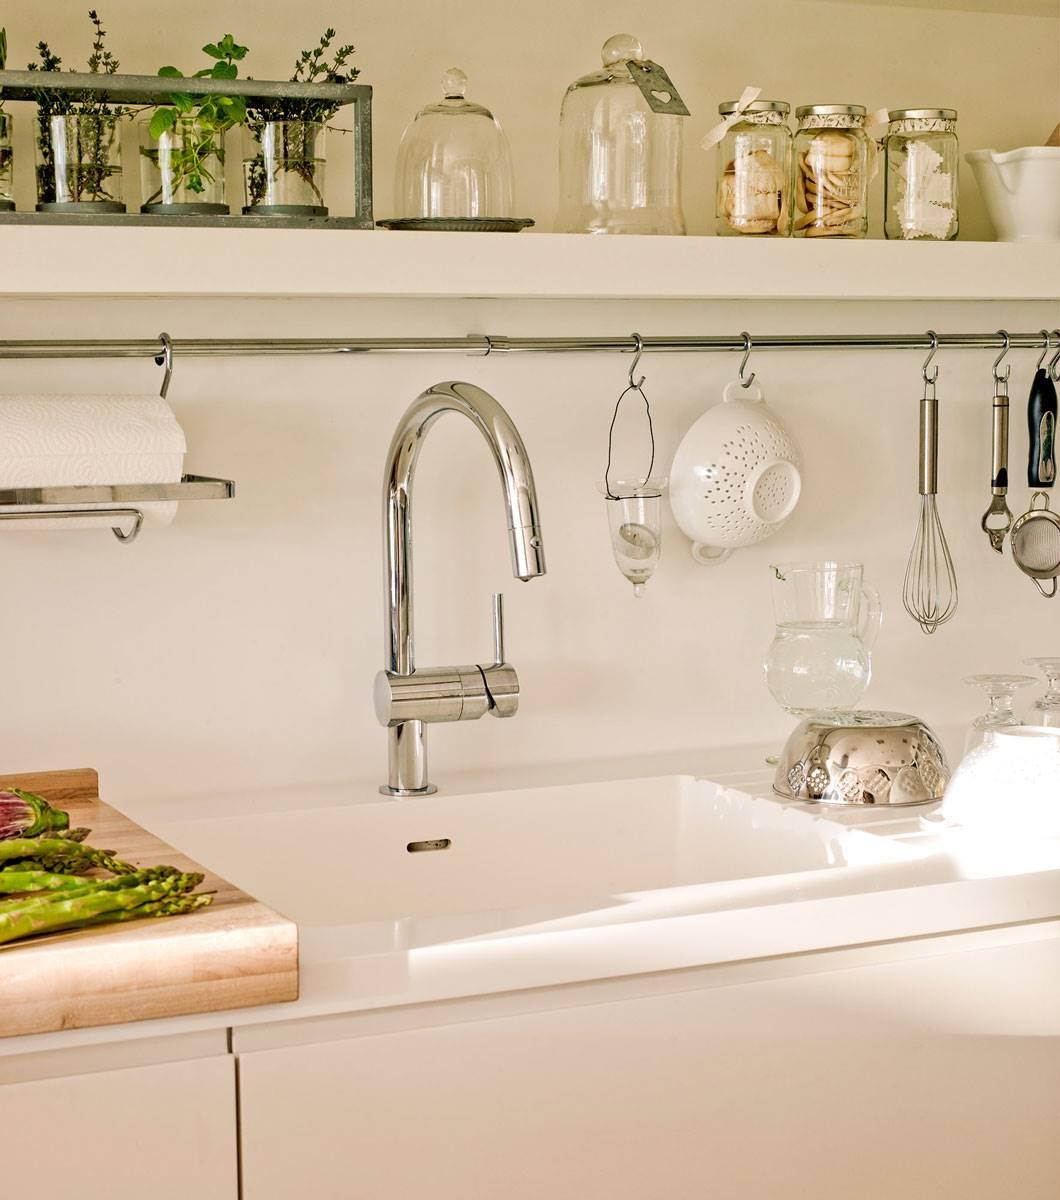 C mo escoger bien el fregadero - Fregaderos de granito para cocina ...